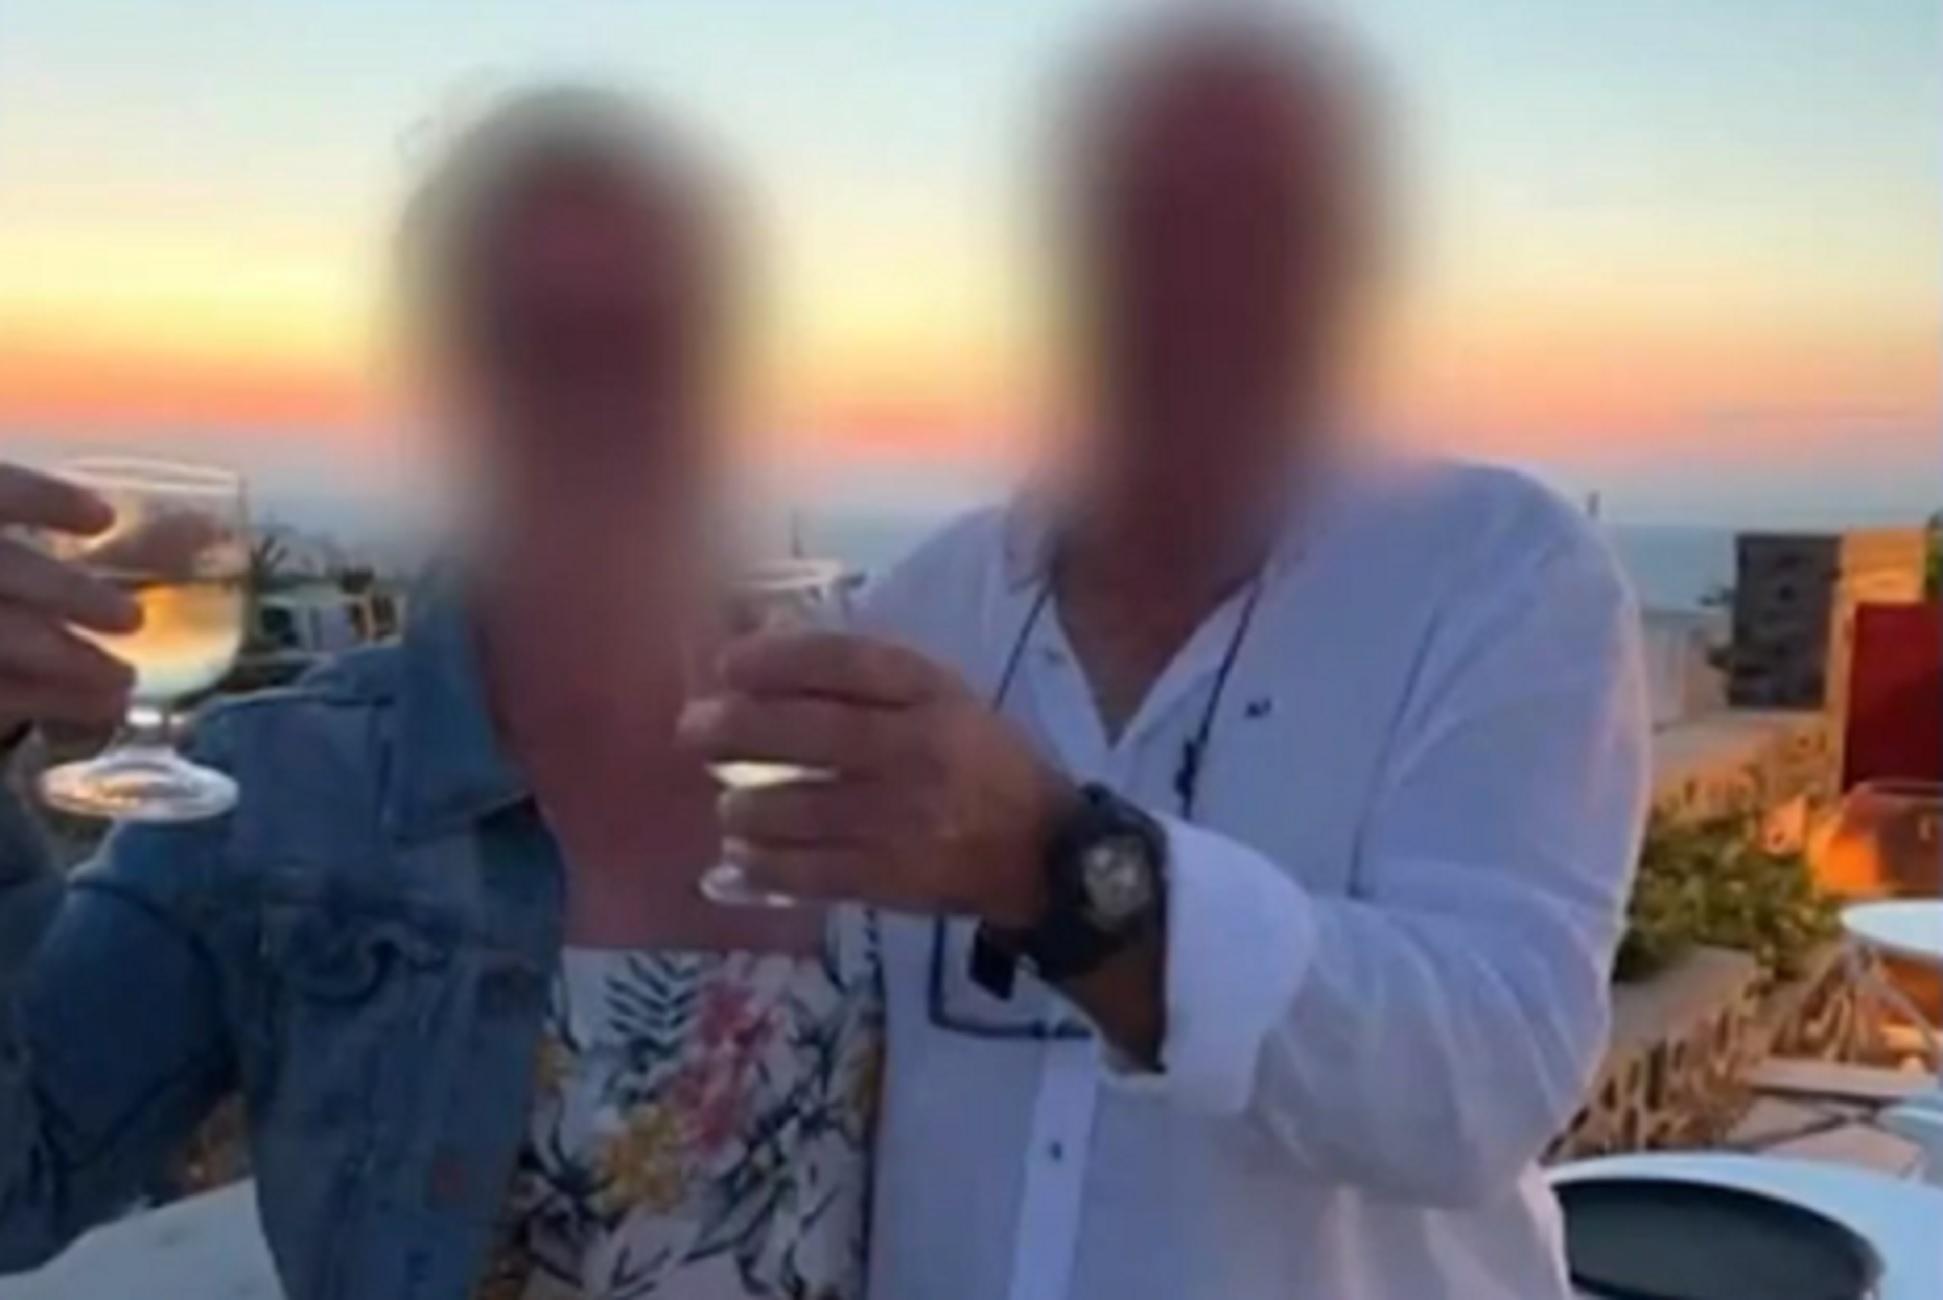 Σαντορίνη: Η άγνωστη μάχη του αδικοχαμένου ξενοδόχου με ληστές (Βίντεο)